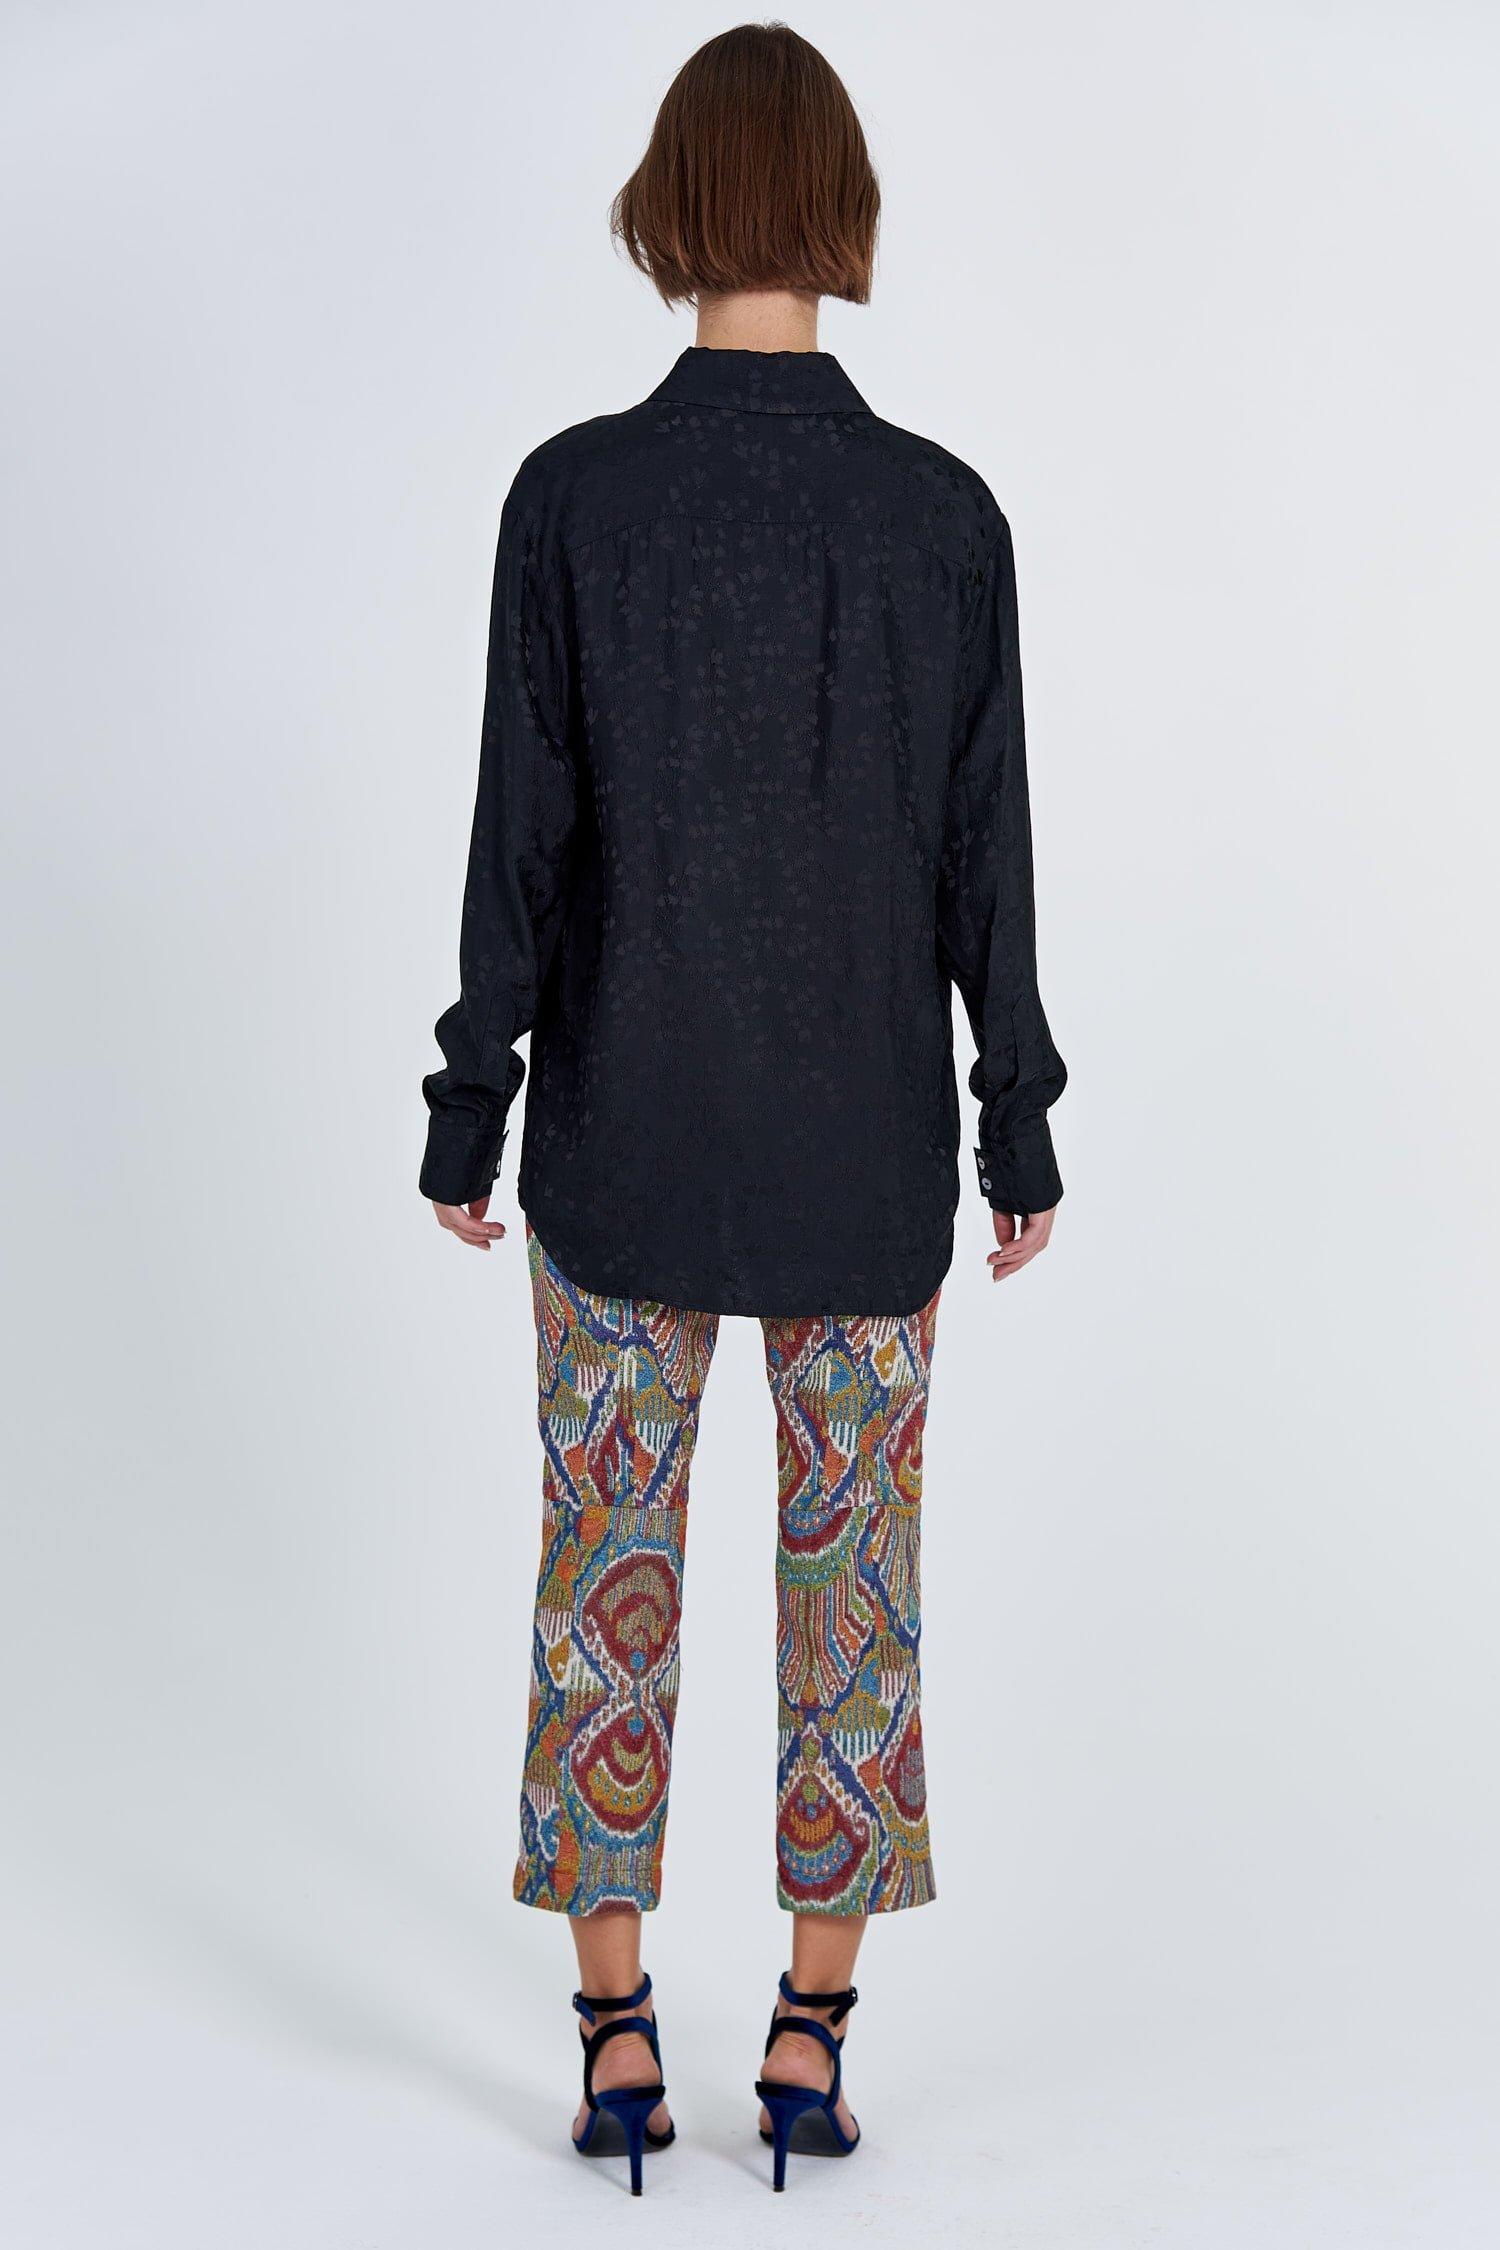 Acephala Fw 2020 21 Black Jacquard Shirt Jacquard Trousers Back